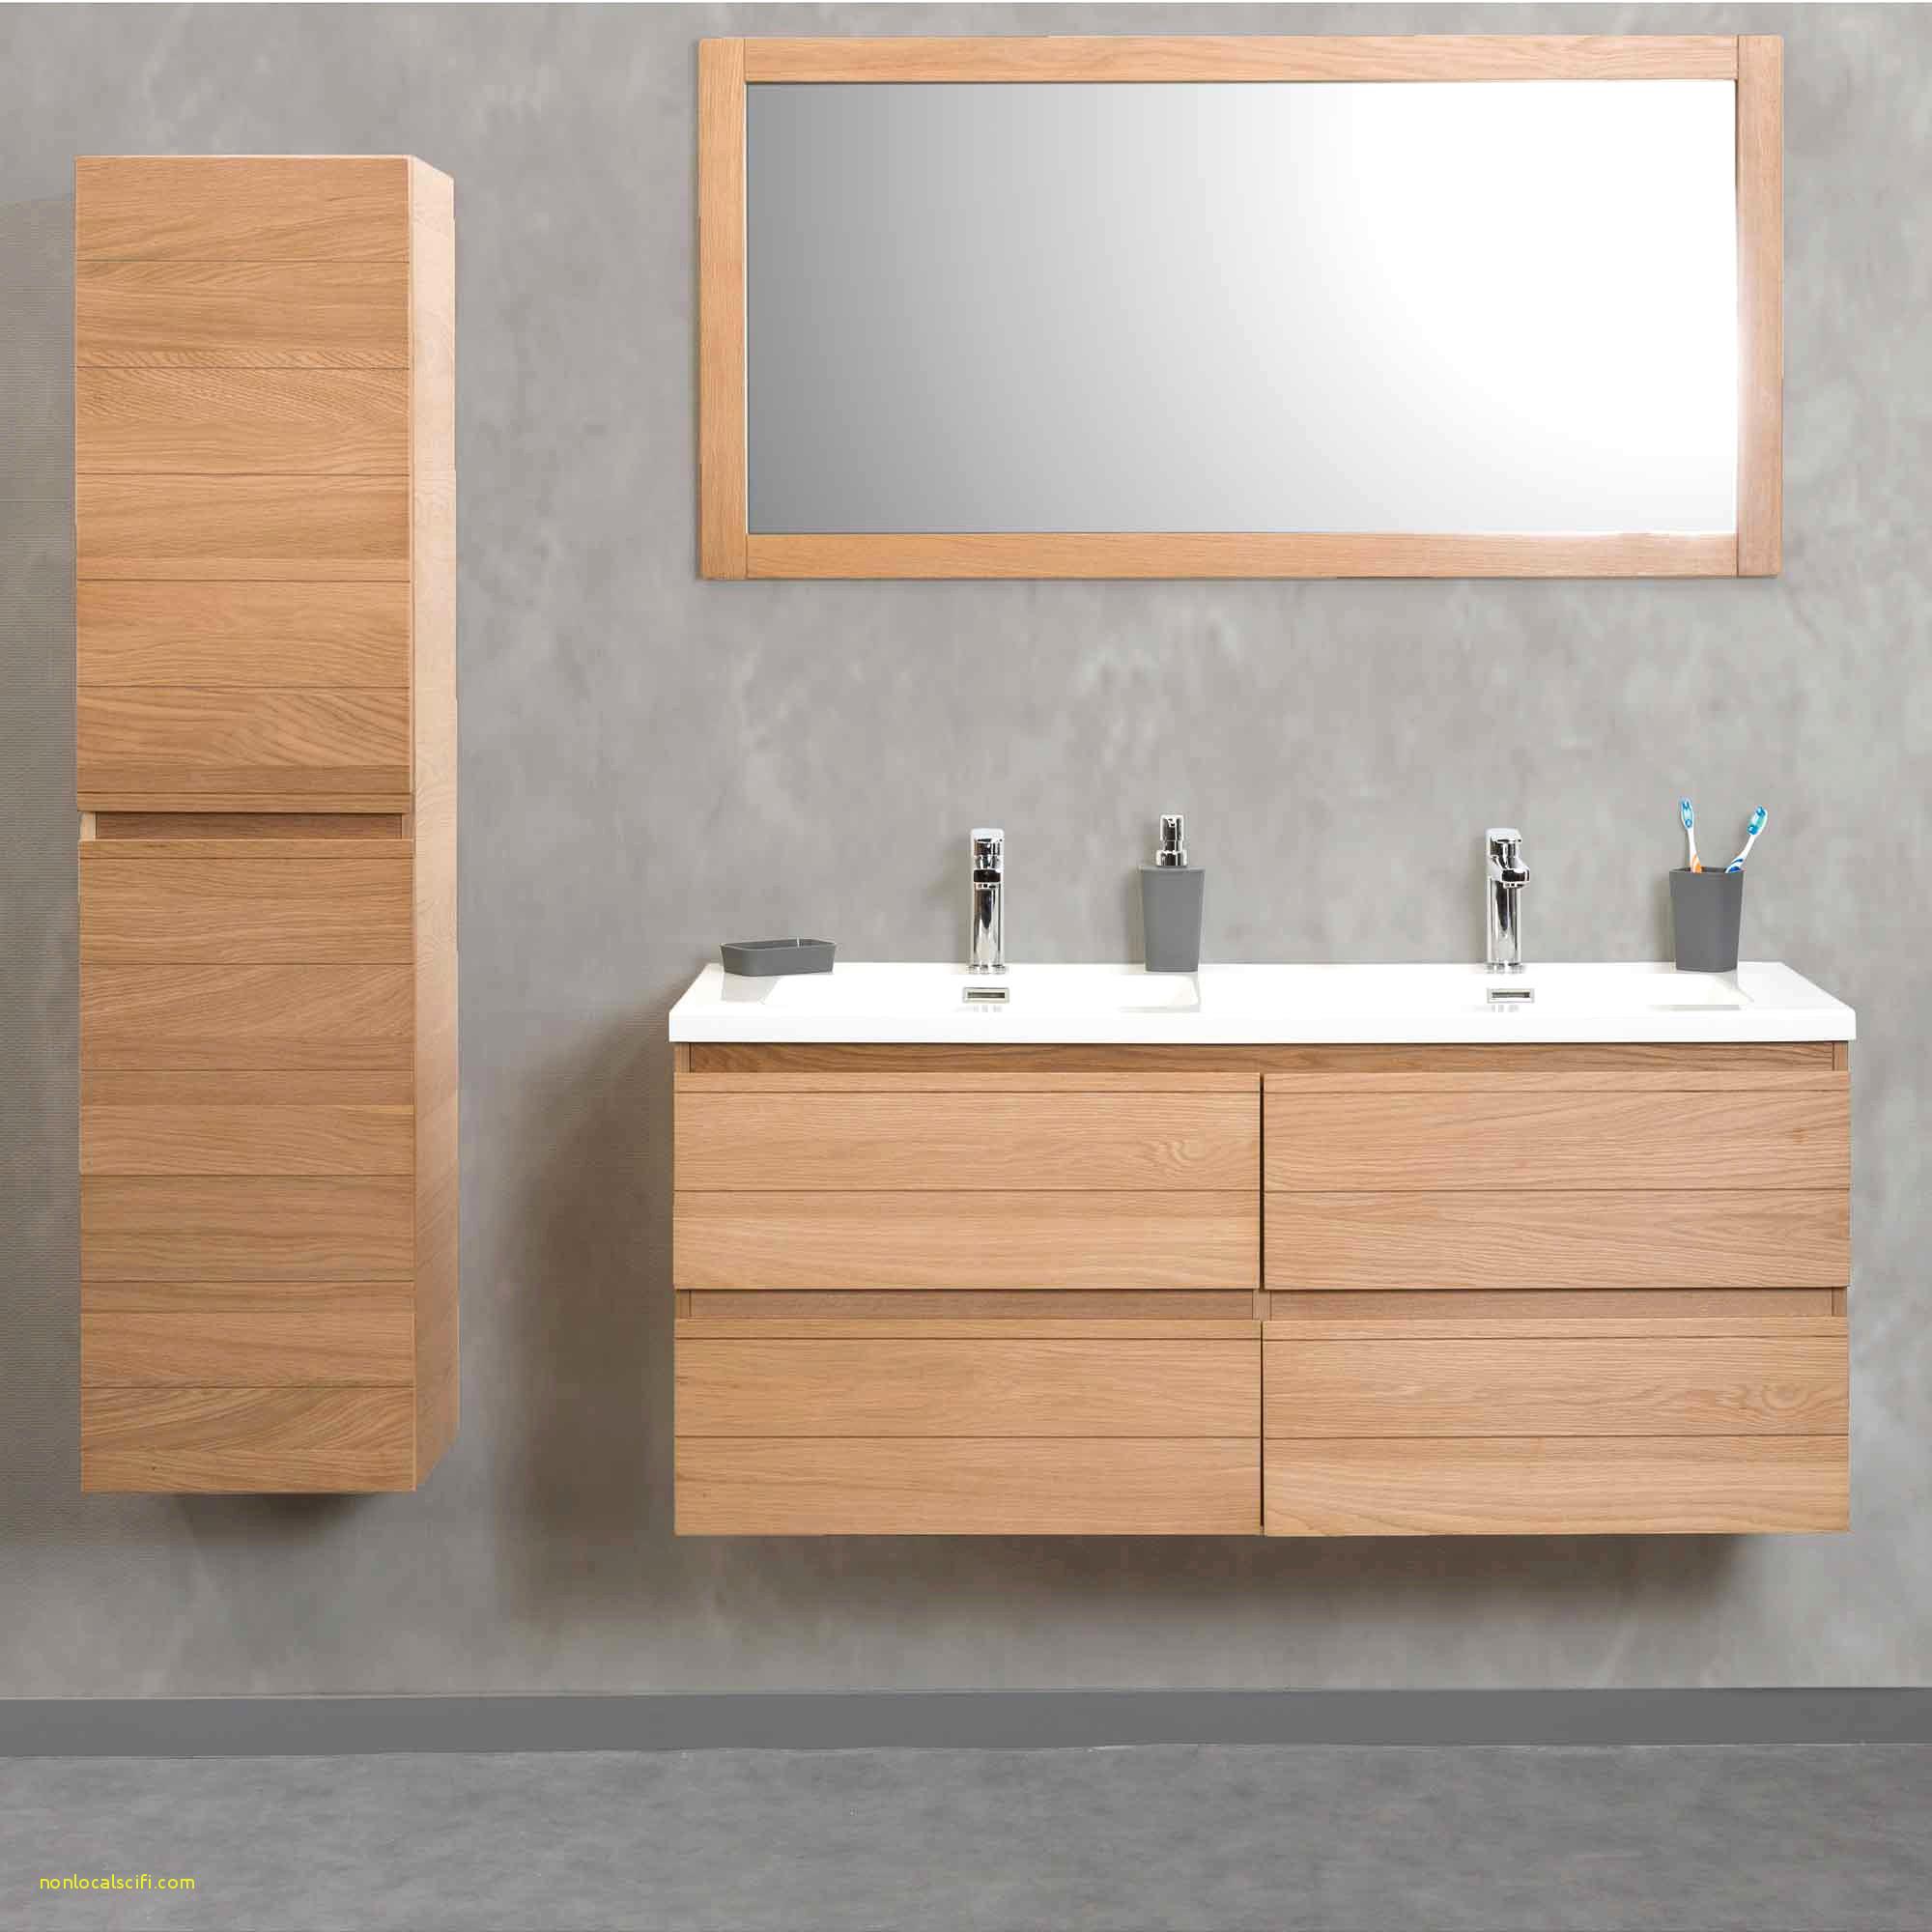 meuble suspendu cuisine meuble a suspendre montage meuble cuisine beau mobilier cuisine 0d of meuble suspendu cuisine